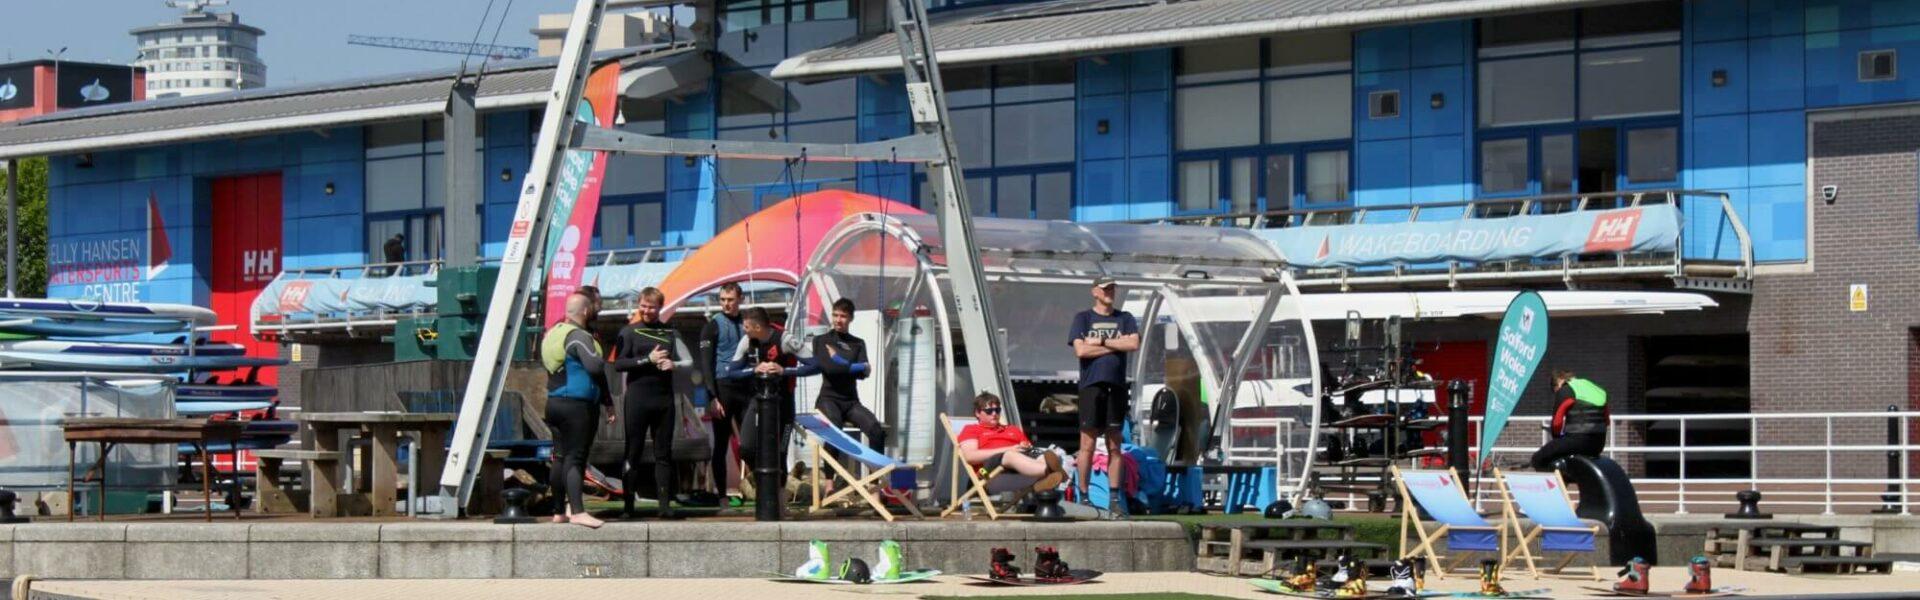 salford watersport image